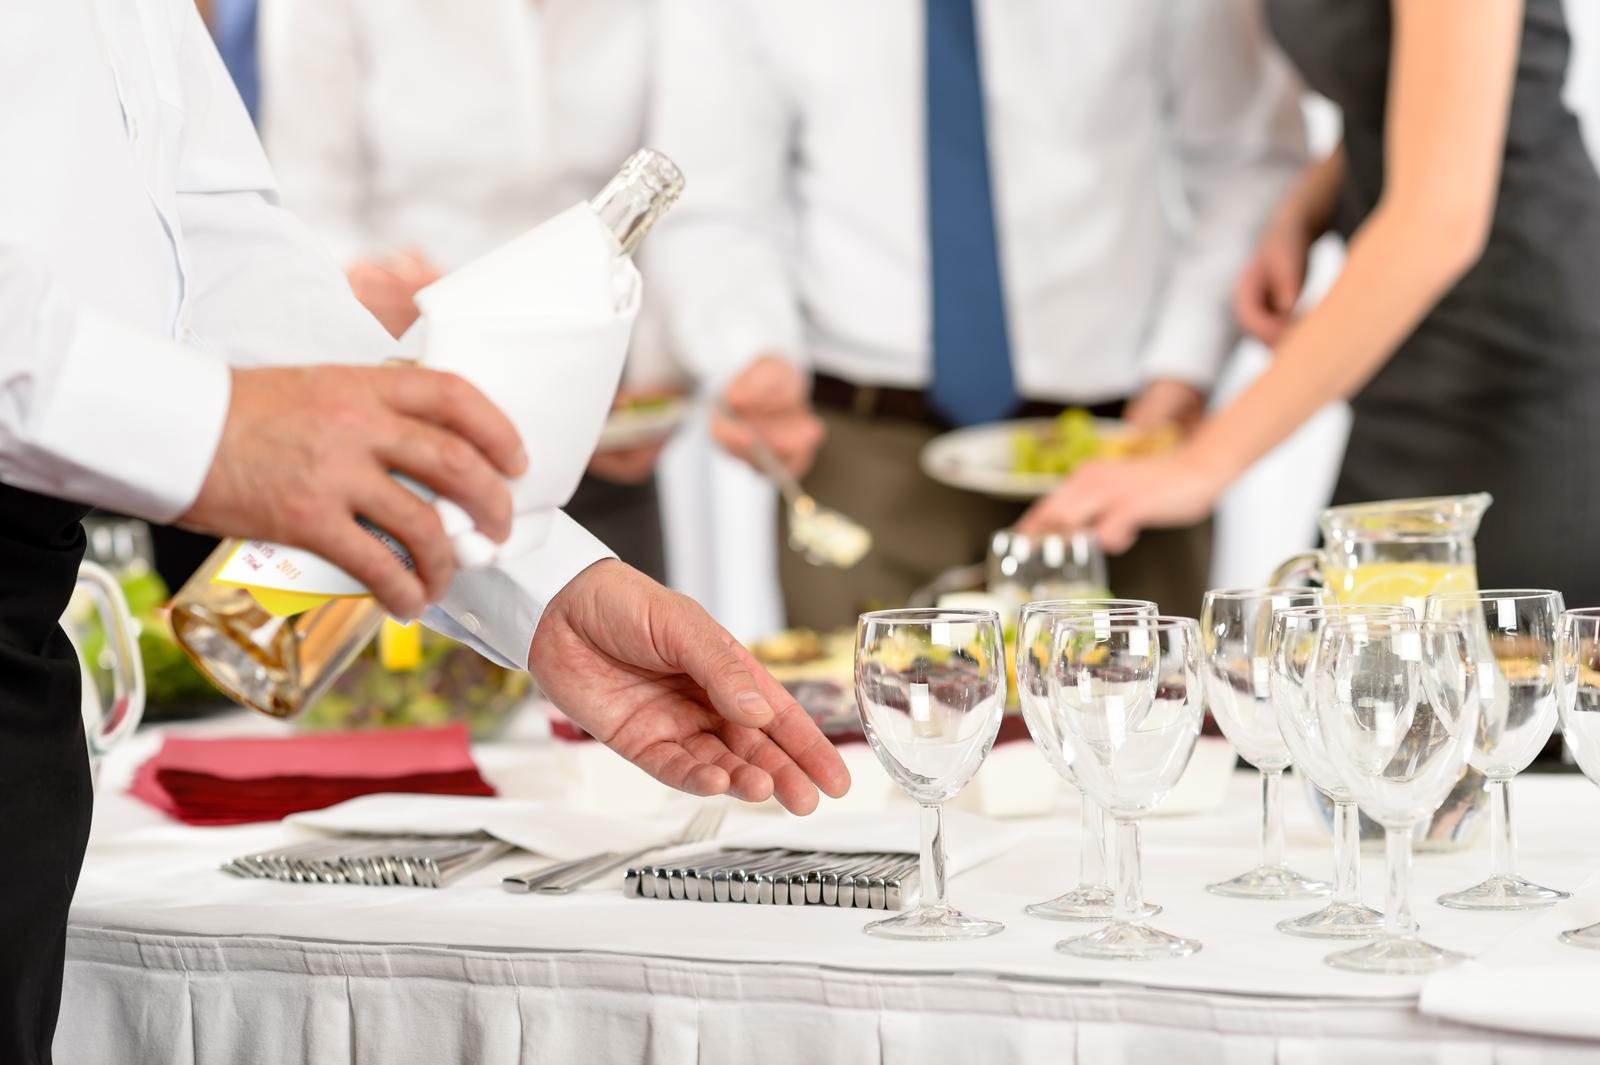 vinomaravilla - Po svadbe každý hovorí aké mala nevesta šaty a aké bolo víno. Tak ako si dáte záležať na svadobných šatách dbajte aj na výber vína.